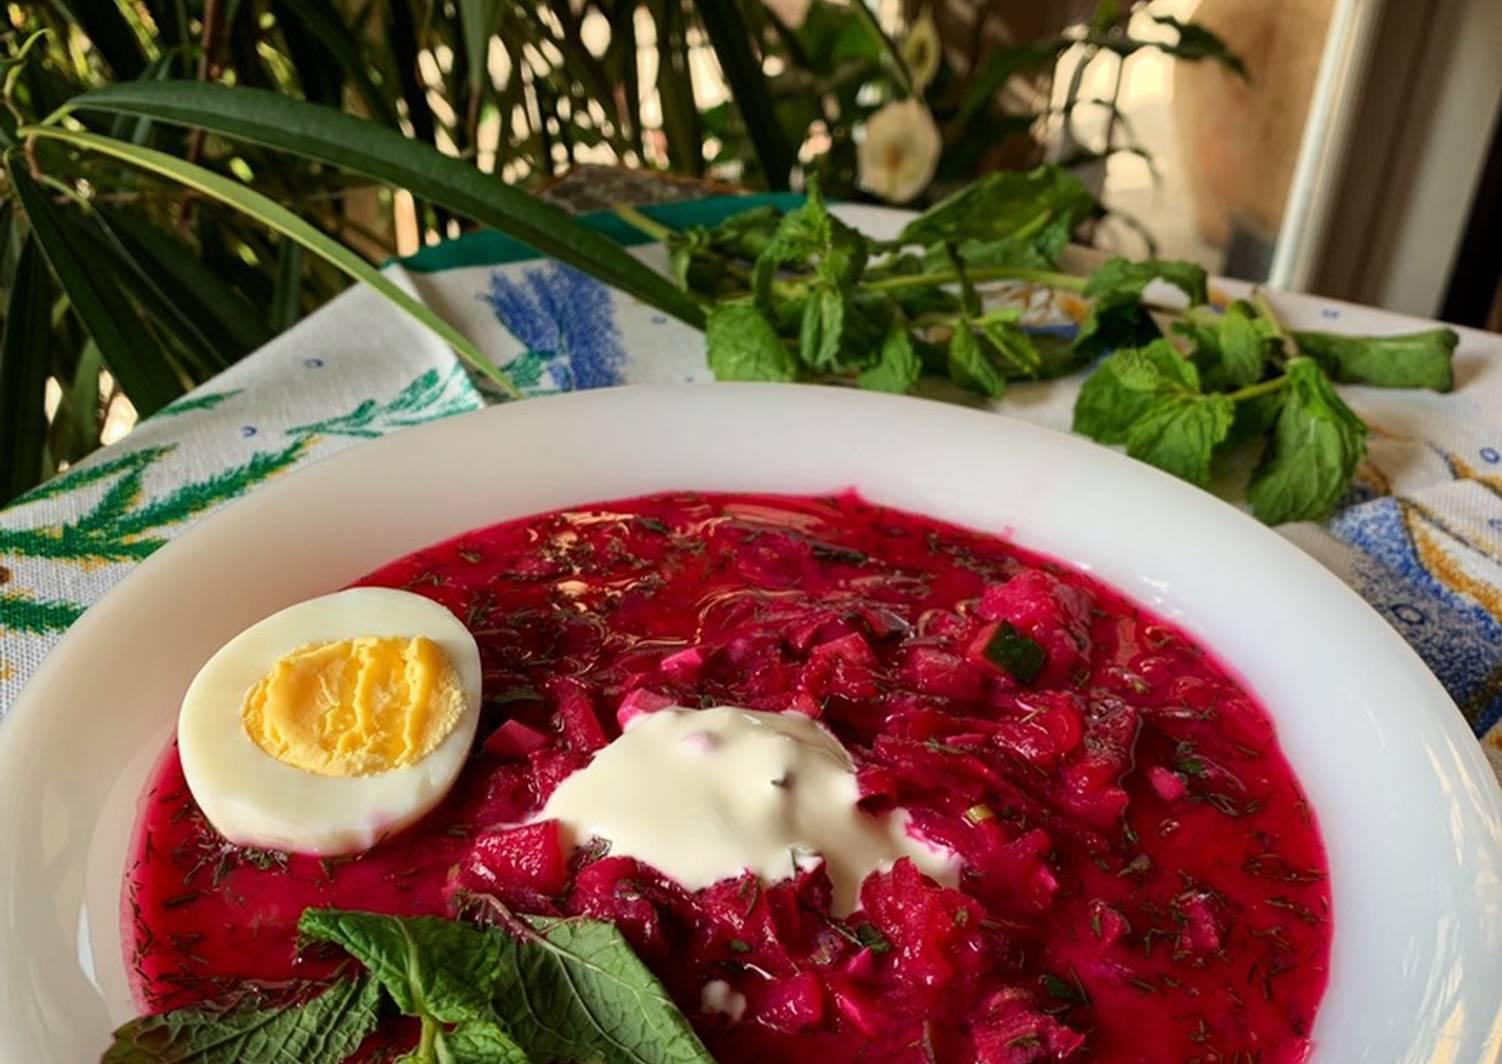 также суп свекольник рецепт пошаговый с фото стали падать вниз